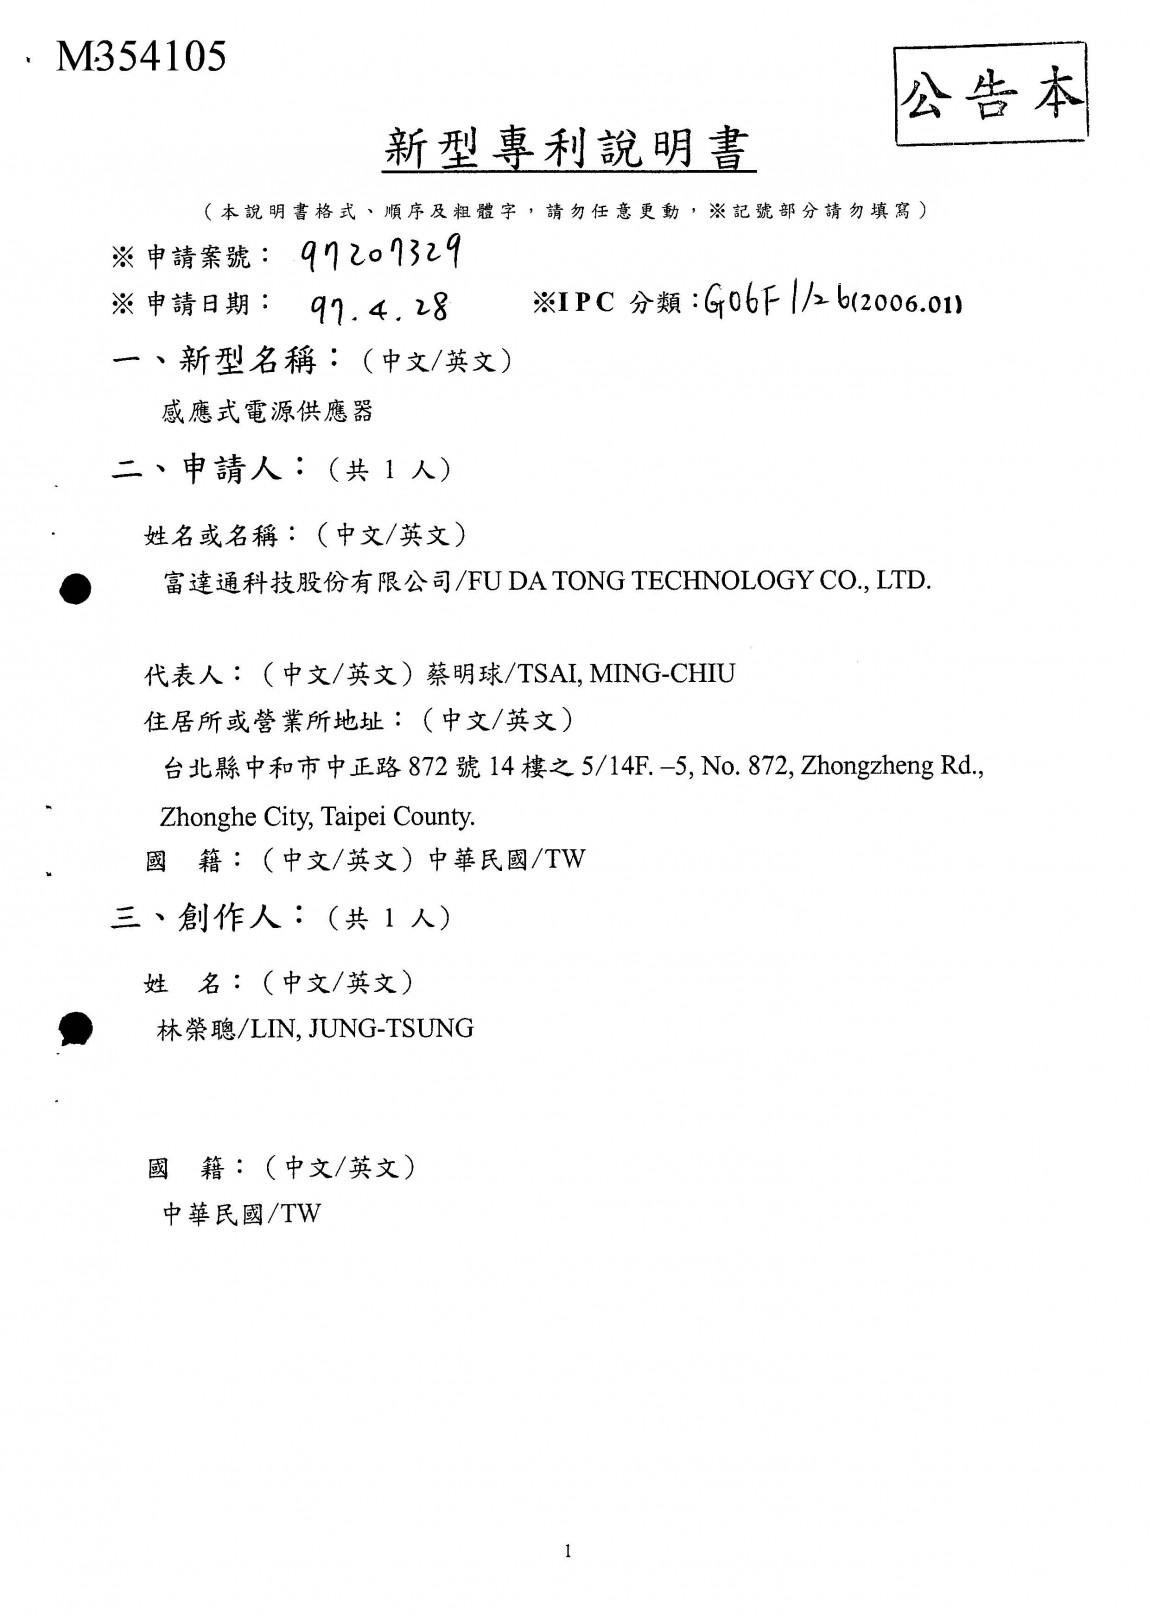 富達通專利01-感應式電源供應器(台灣)M354105